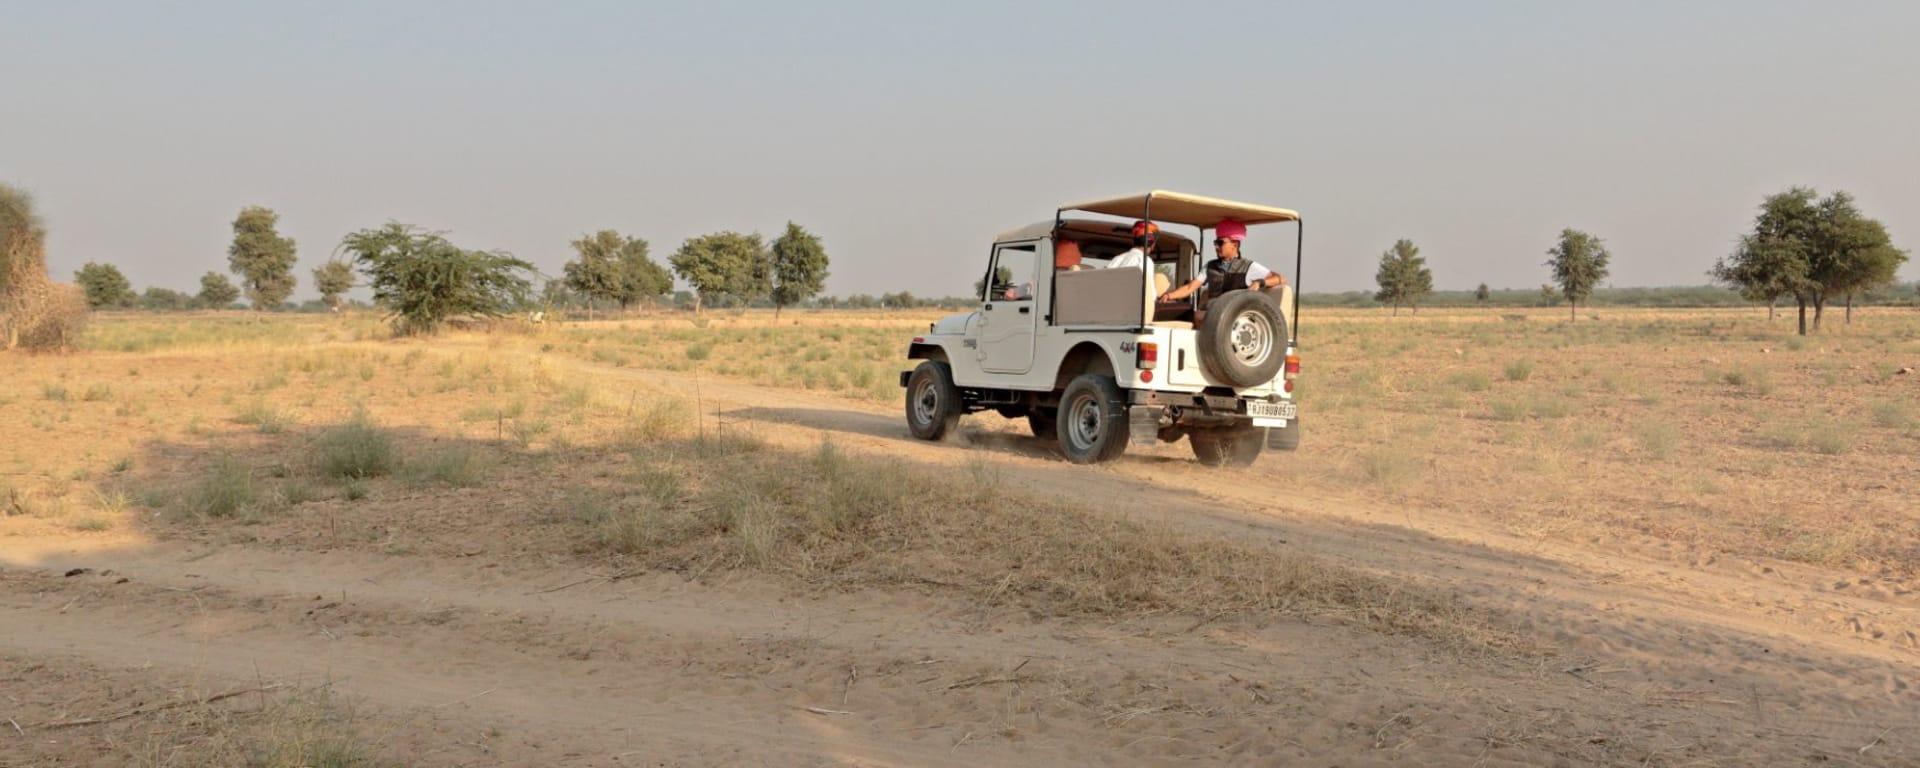 Palastromantik und Wüstenzauber ab Jodhpur: activities: Safari